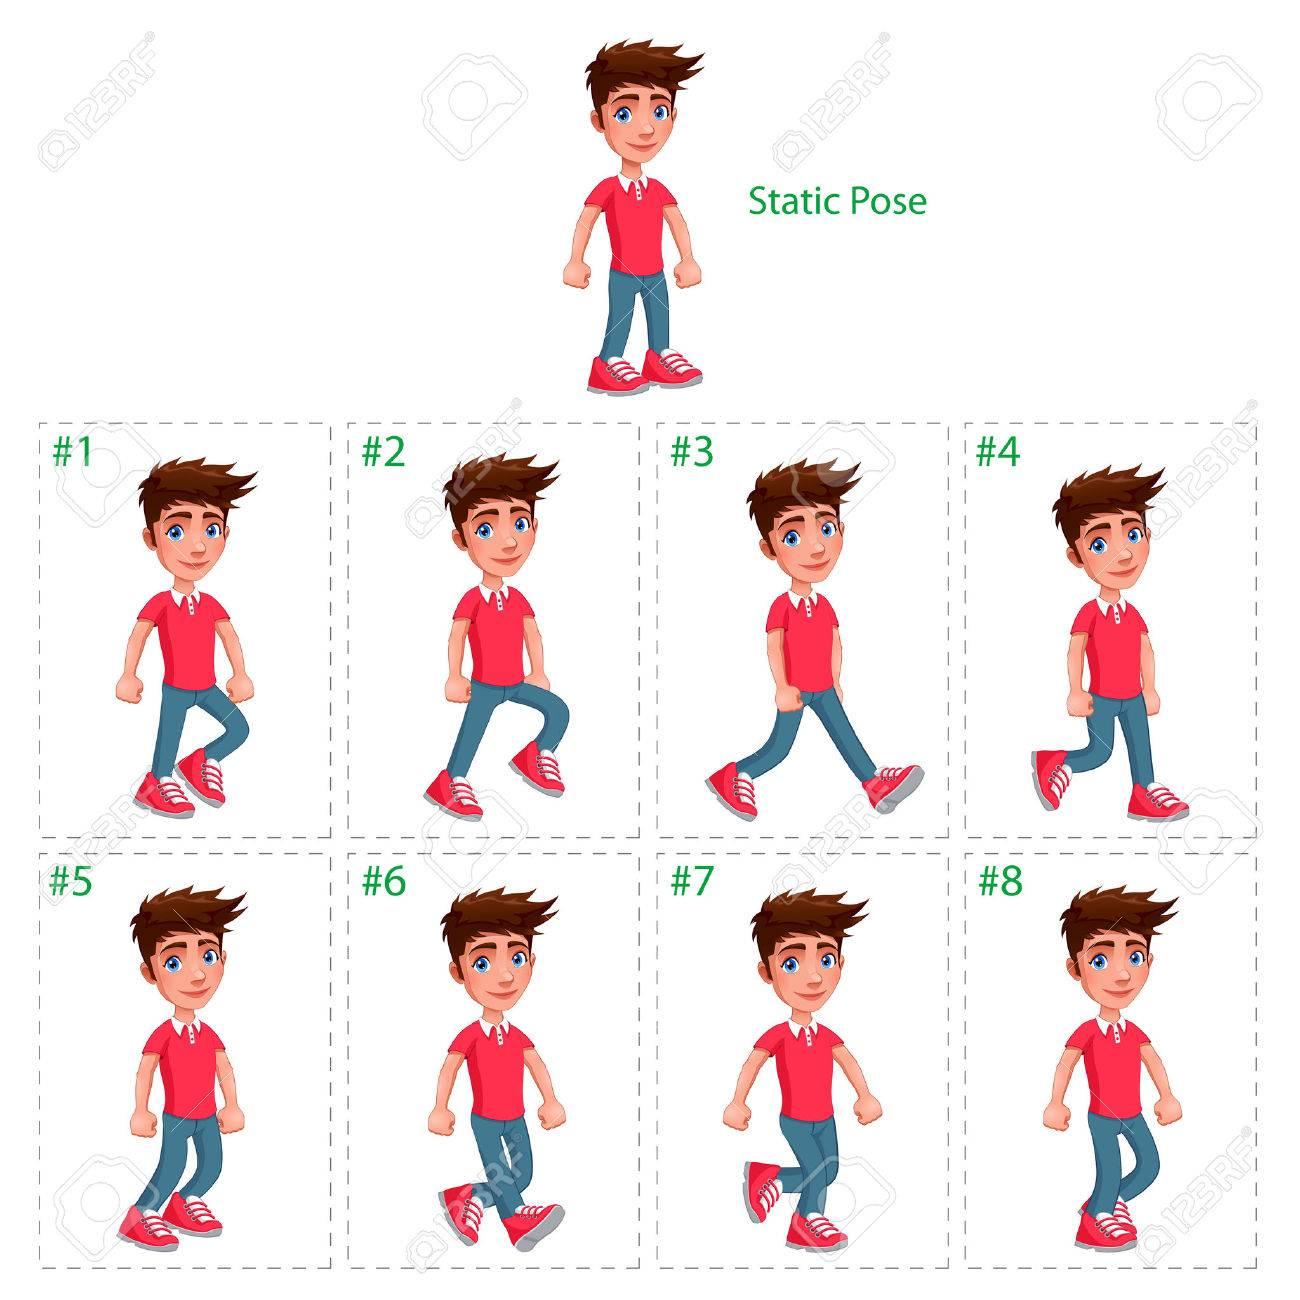 Animation Der Junge Zu Fuß. Acht Gehhilfen + 1 Statische Pose ...